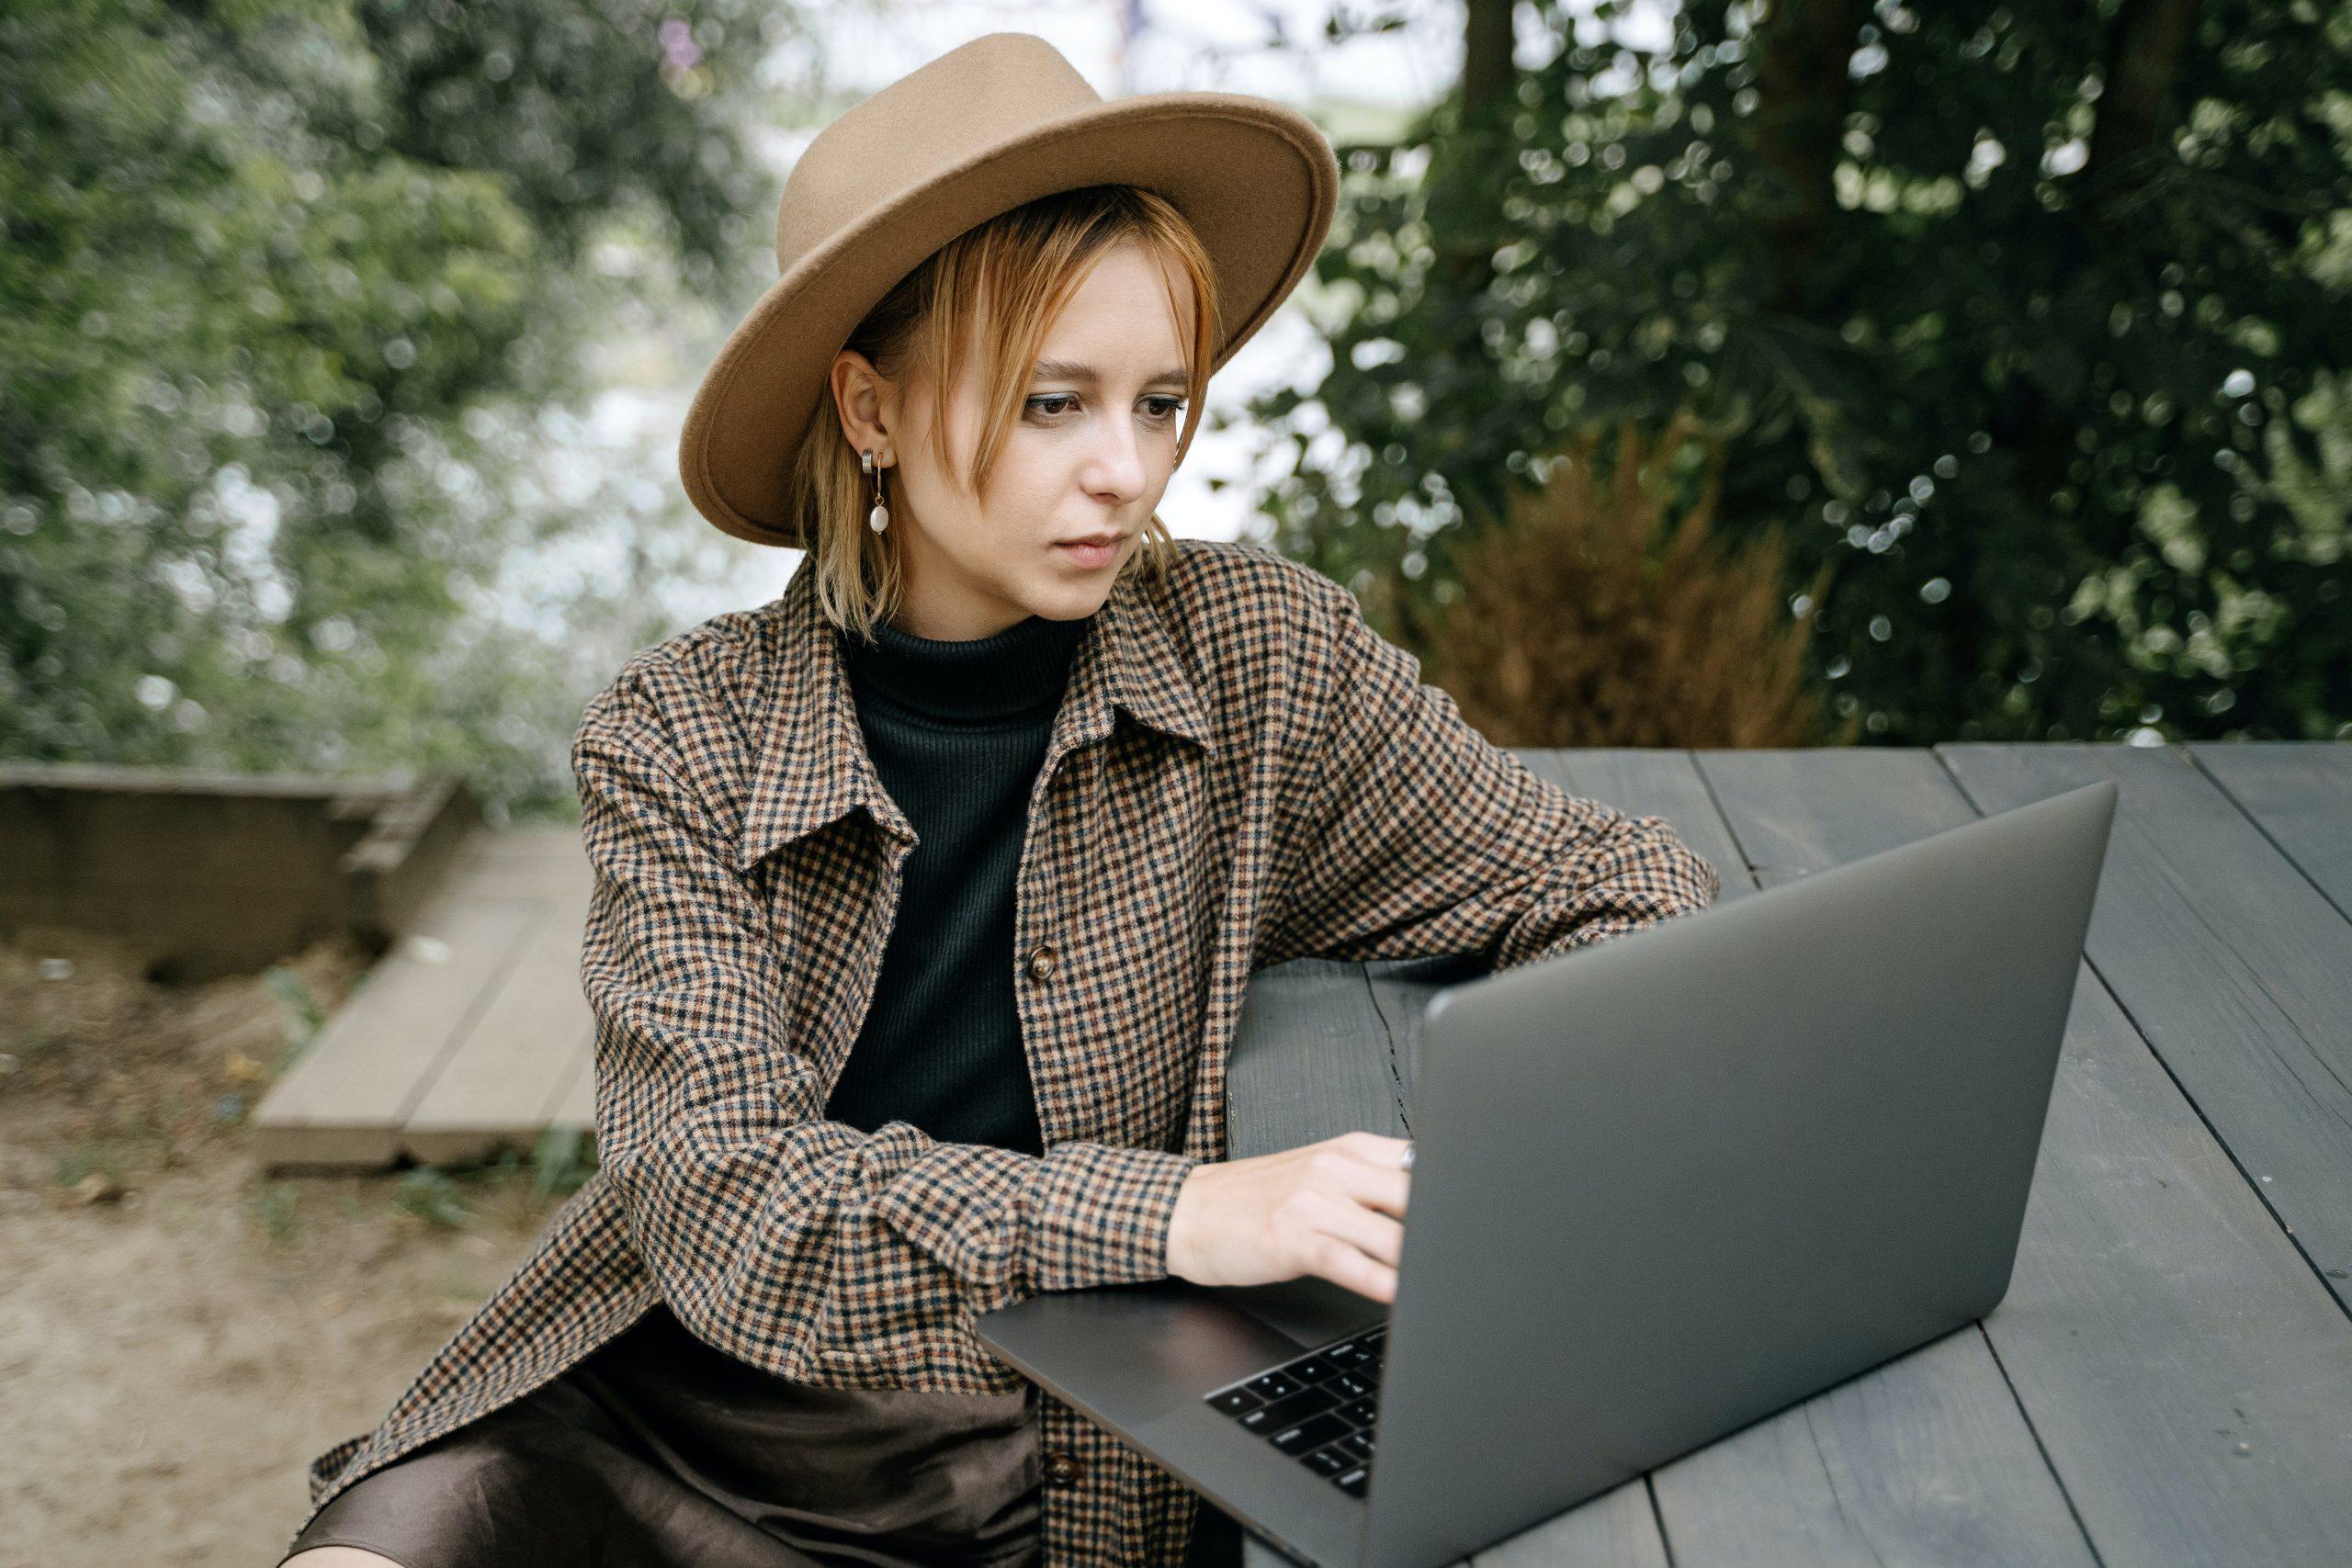 Imagem mostra uma mulher usando um notebook em uma área externa.